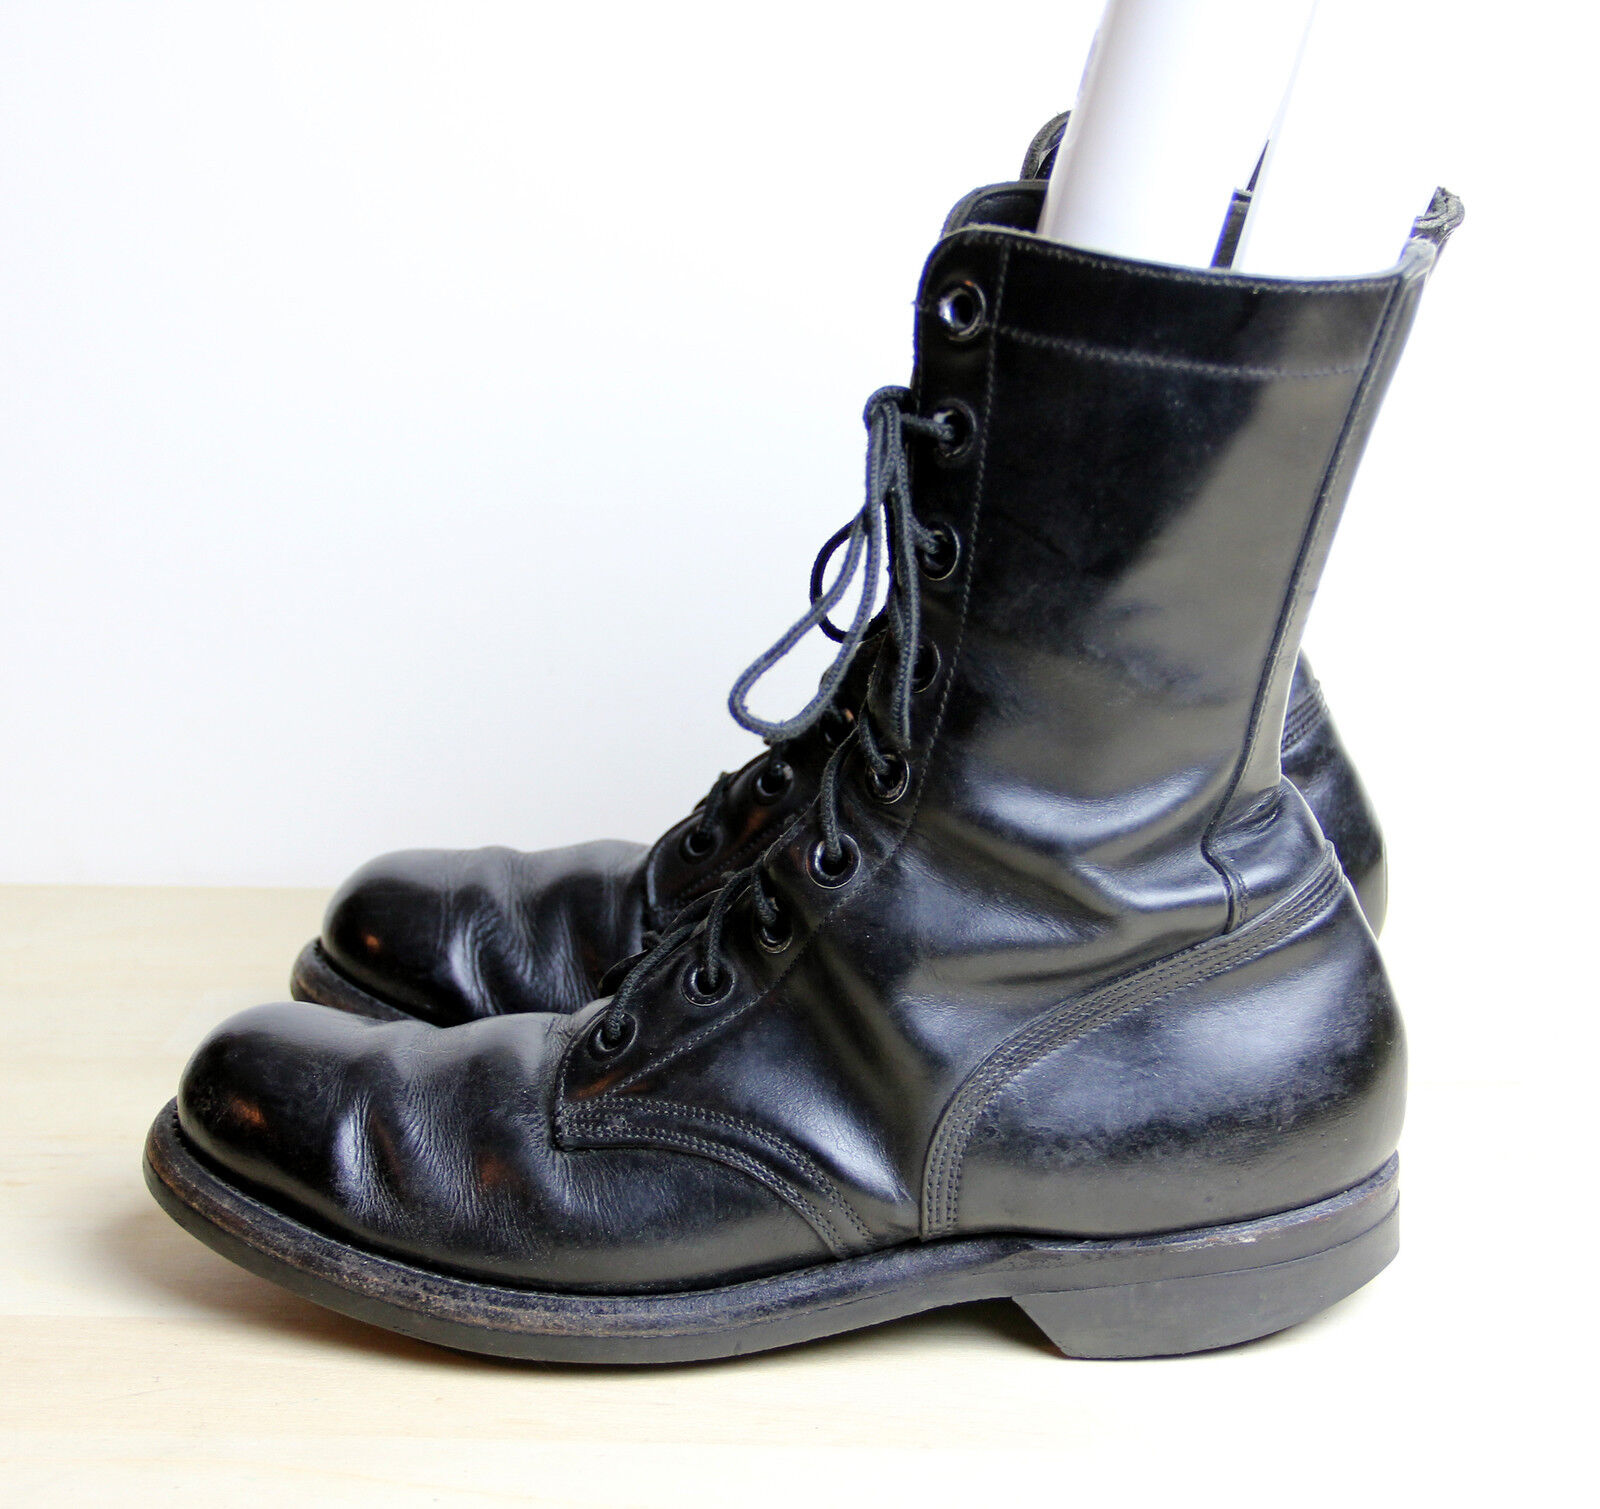 compra nuovo economico Vintage VIETNAM WAR Era stivali stivali stivali Uomo Dimensione 9 XN Narrow 1967 nero Combat Biltrite  ottima selezione e consegna rapida